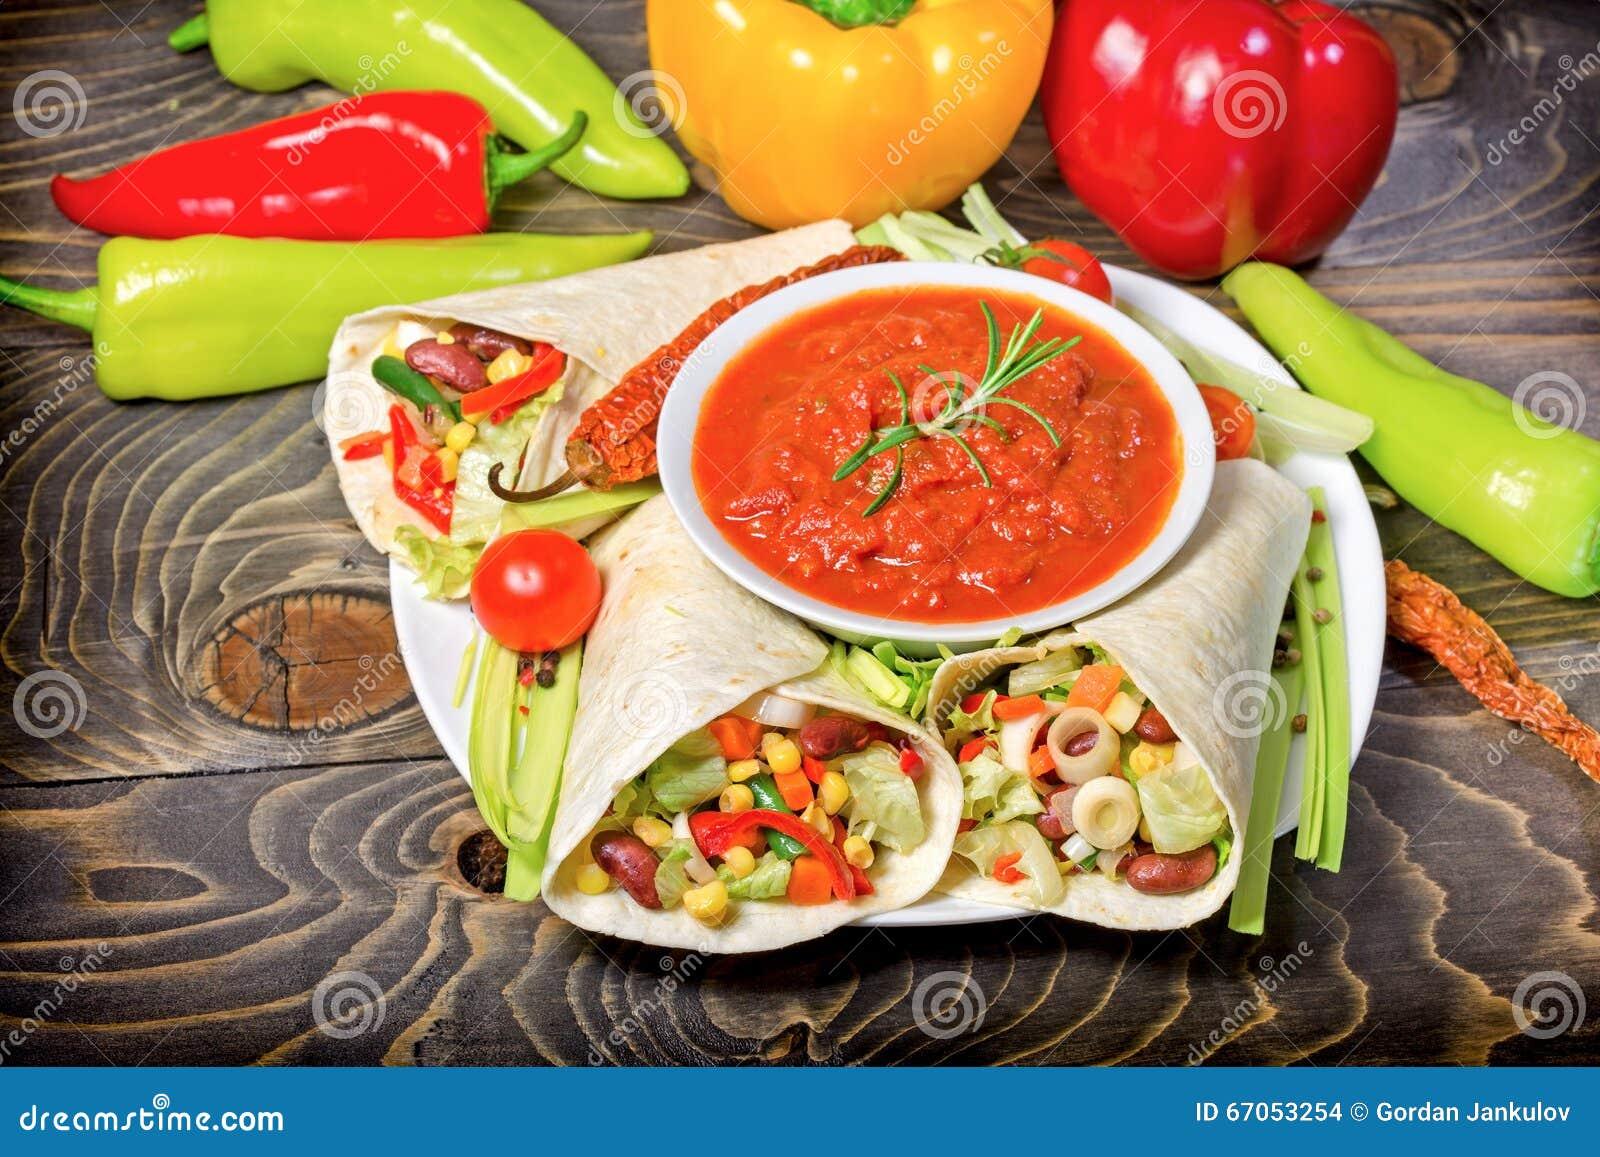 Gezonde maaltijd voedsel vegetarisch voedsel mexicaanse